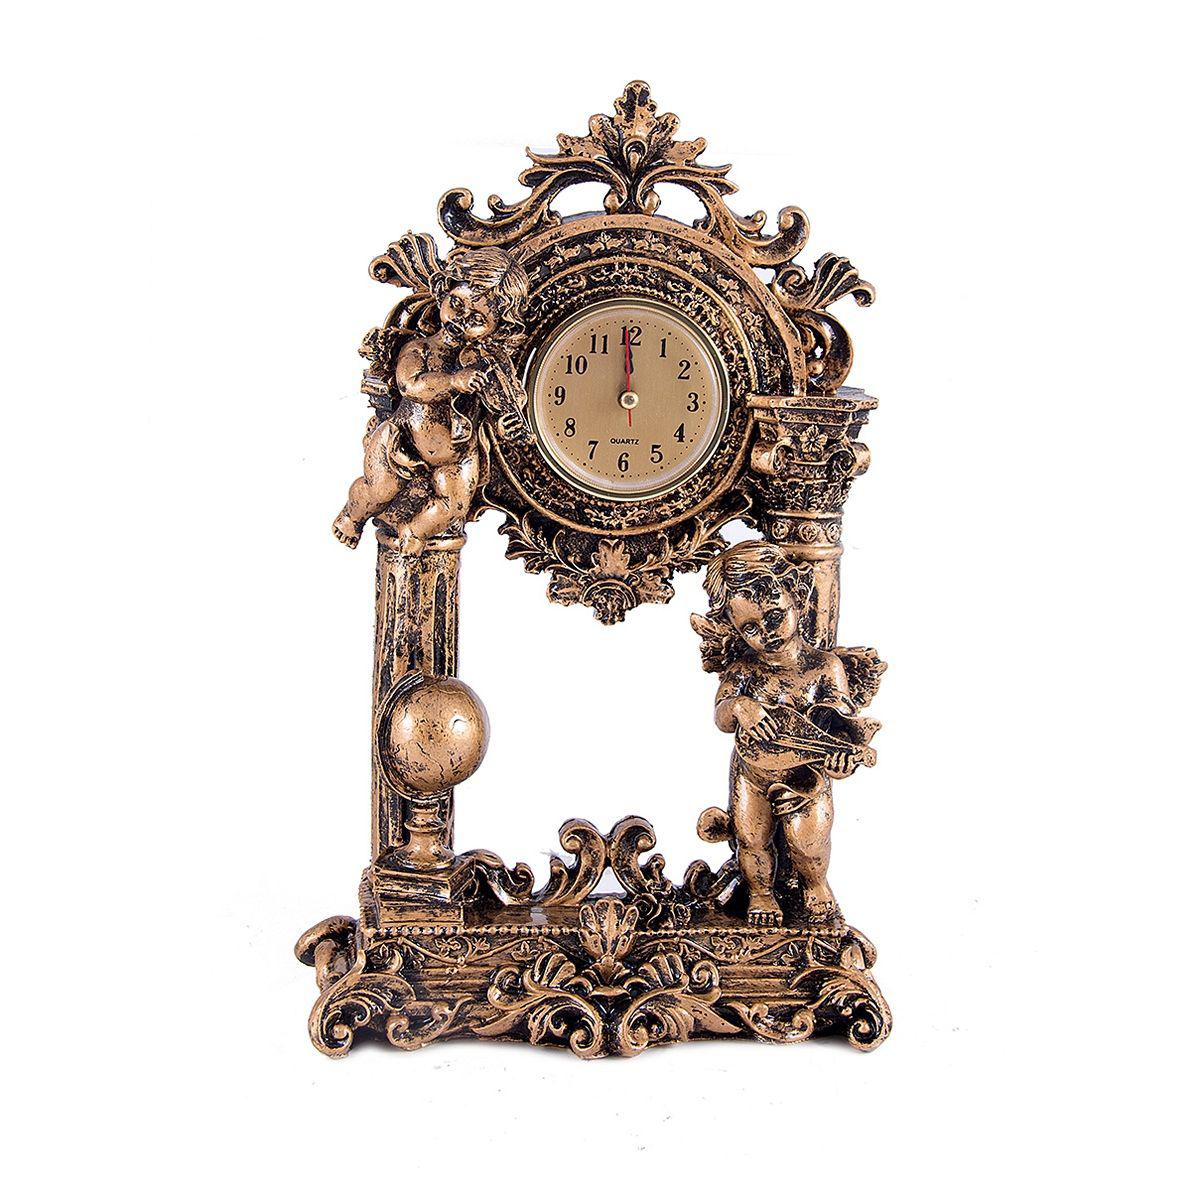 Часы настольные Русские Подарки Ангелочки, 30 х 18 см. 5942194672Настольные кварцевые часы Русские Подарки Ангелочки изготовлены из полистоуна. Часы имеют три стрелки - часовую, минутную и секундную.Изящные часы красиво и оригинально оформят интерьер дома или рабочий стол в офисе. Также часы могут стать уникальным, полезным подарком для родственников, коллег, знакомых и близких.Часы работают от батареек типа АА (в комплект не входят).